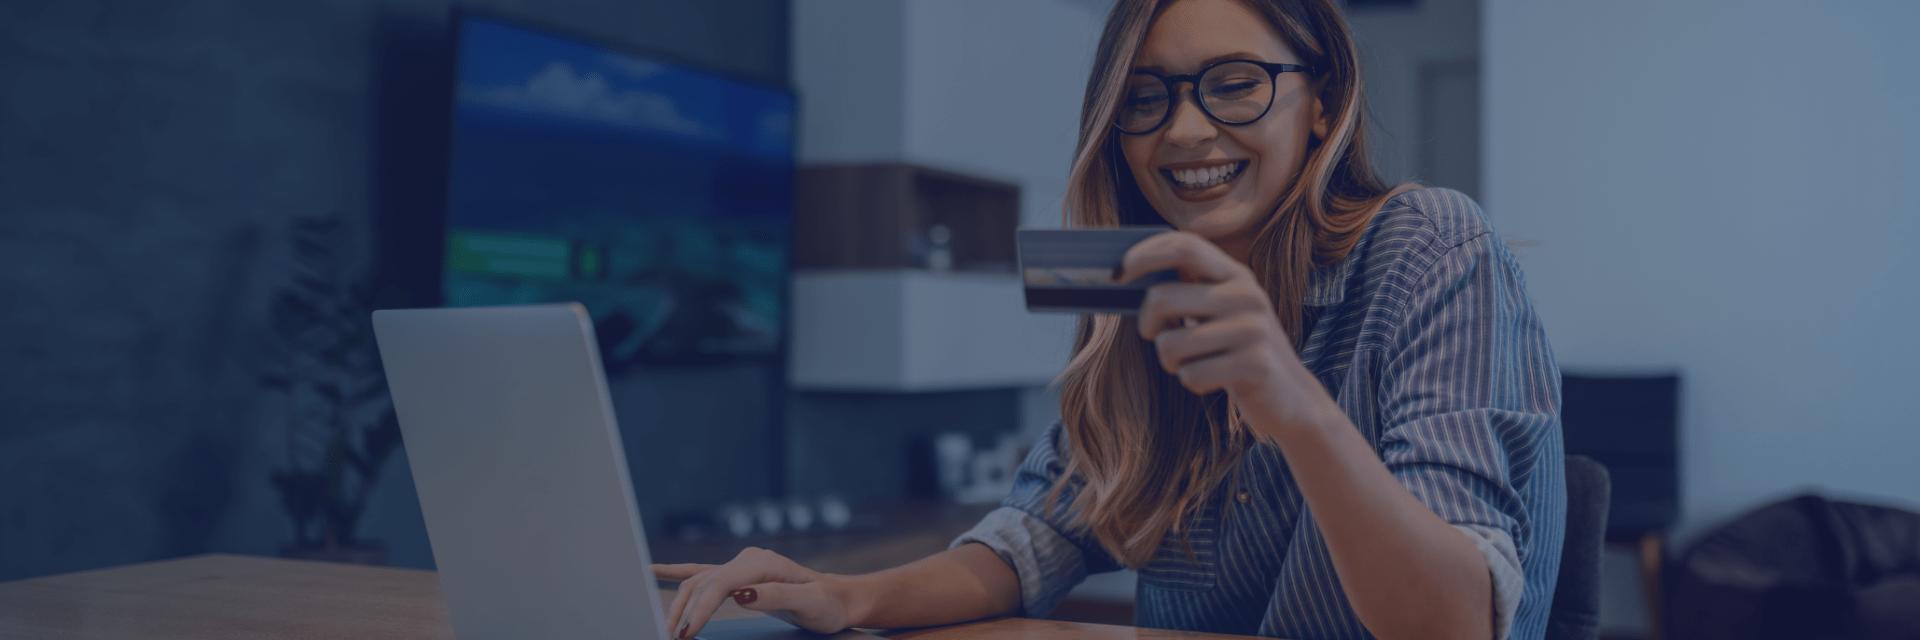 Header-Developing a Full-Fledged Online Banking Platform